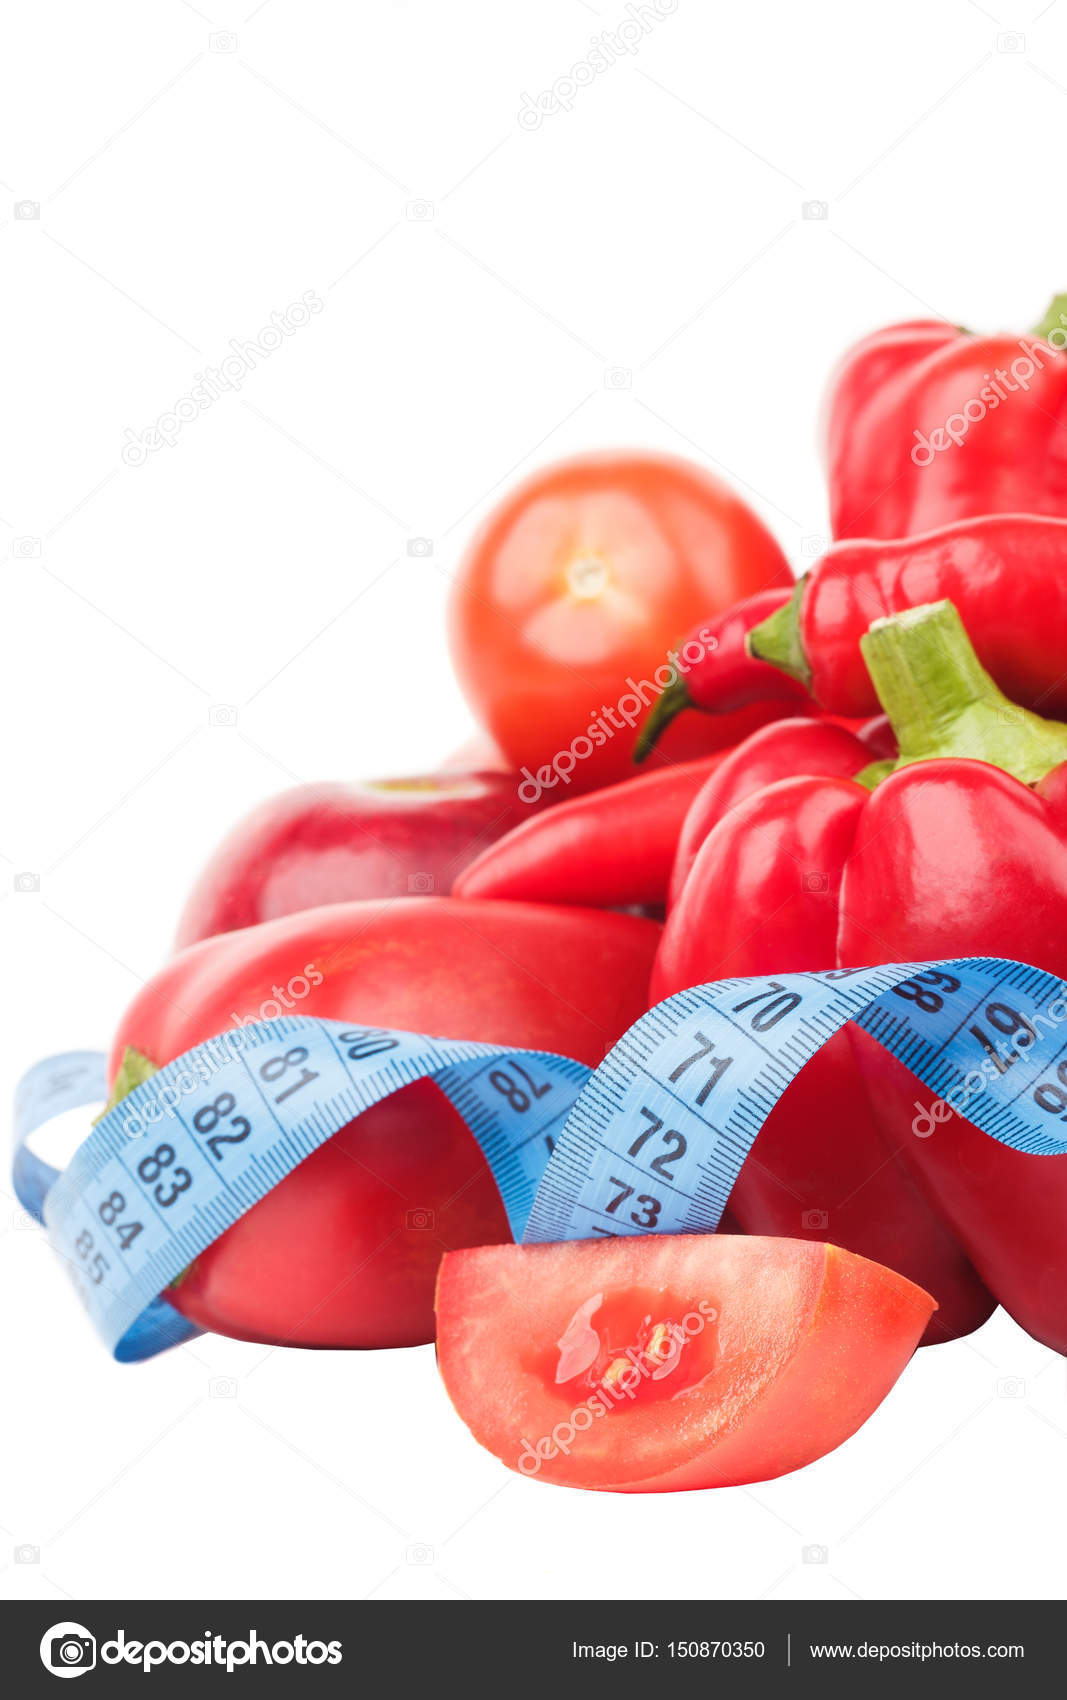 Здоровые и диета питание: салат, помидор, перец, семена, масло.